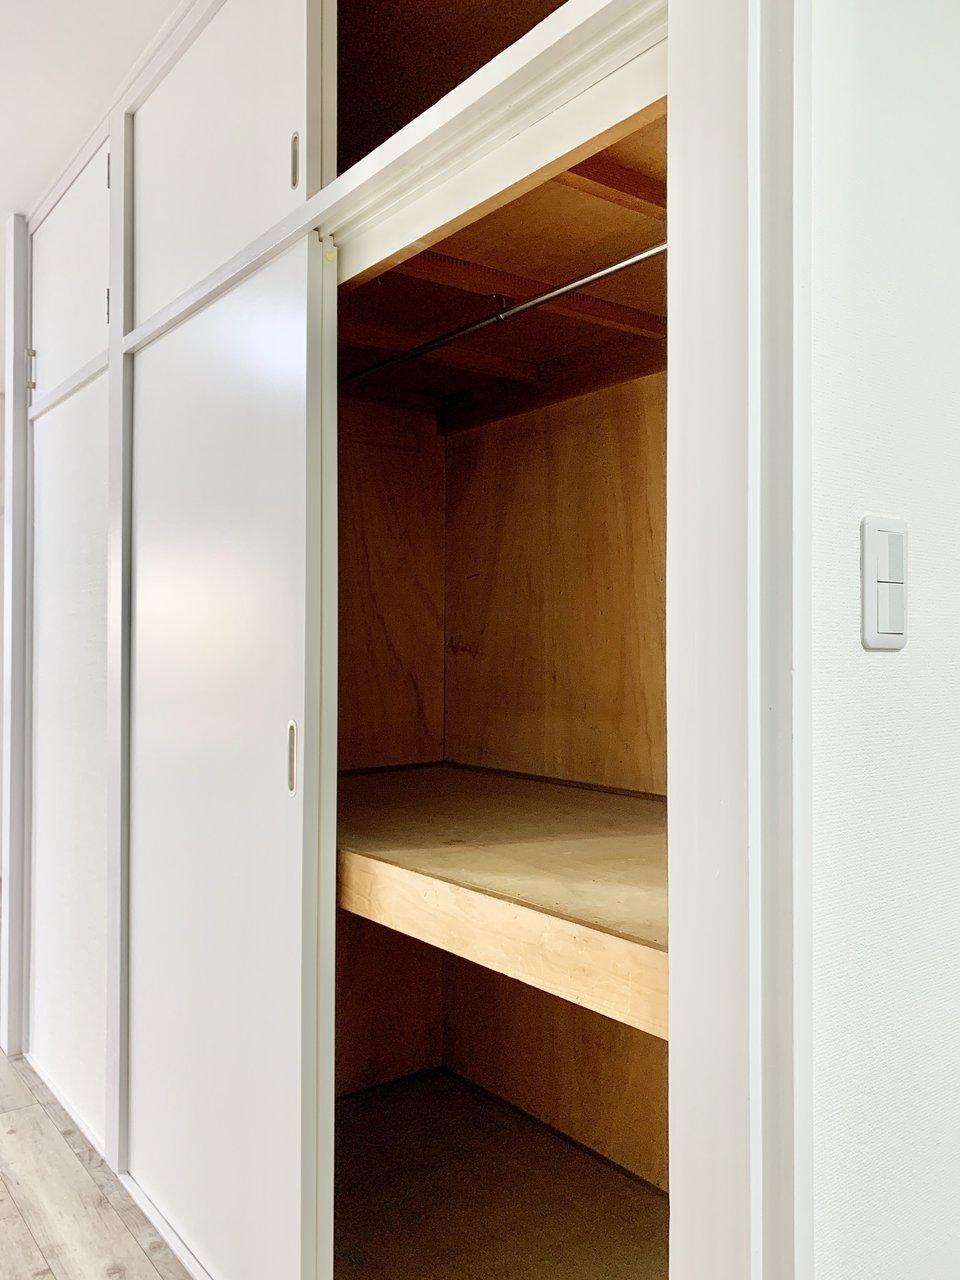 押入れ型の収納スペースがかなり活用できそう。もう一つ、ブラインドで隠せる収納箇所もありましたよ。